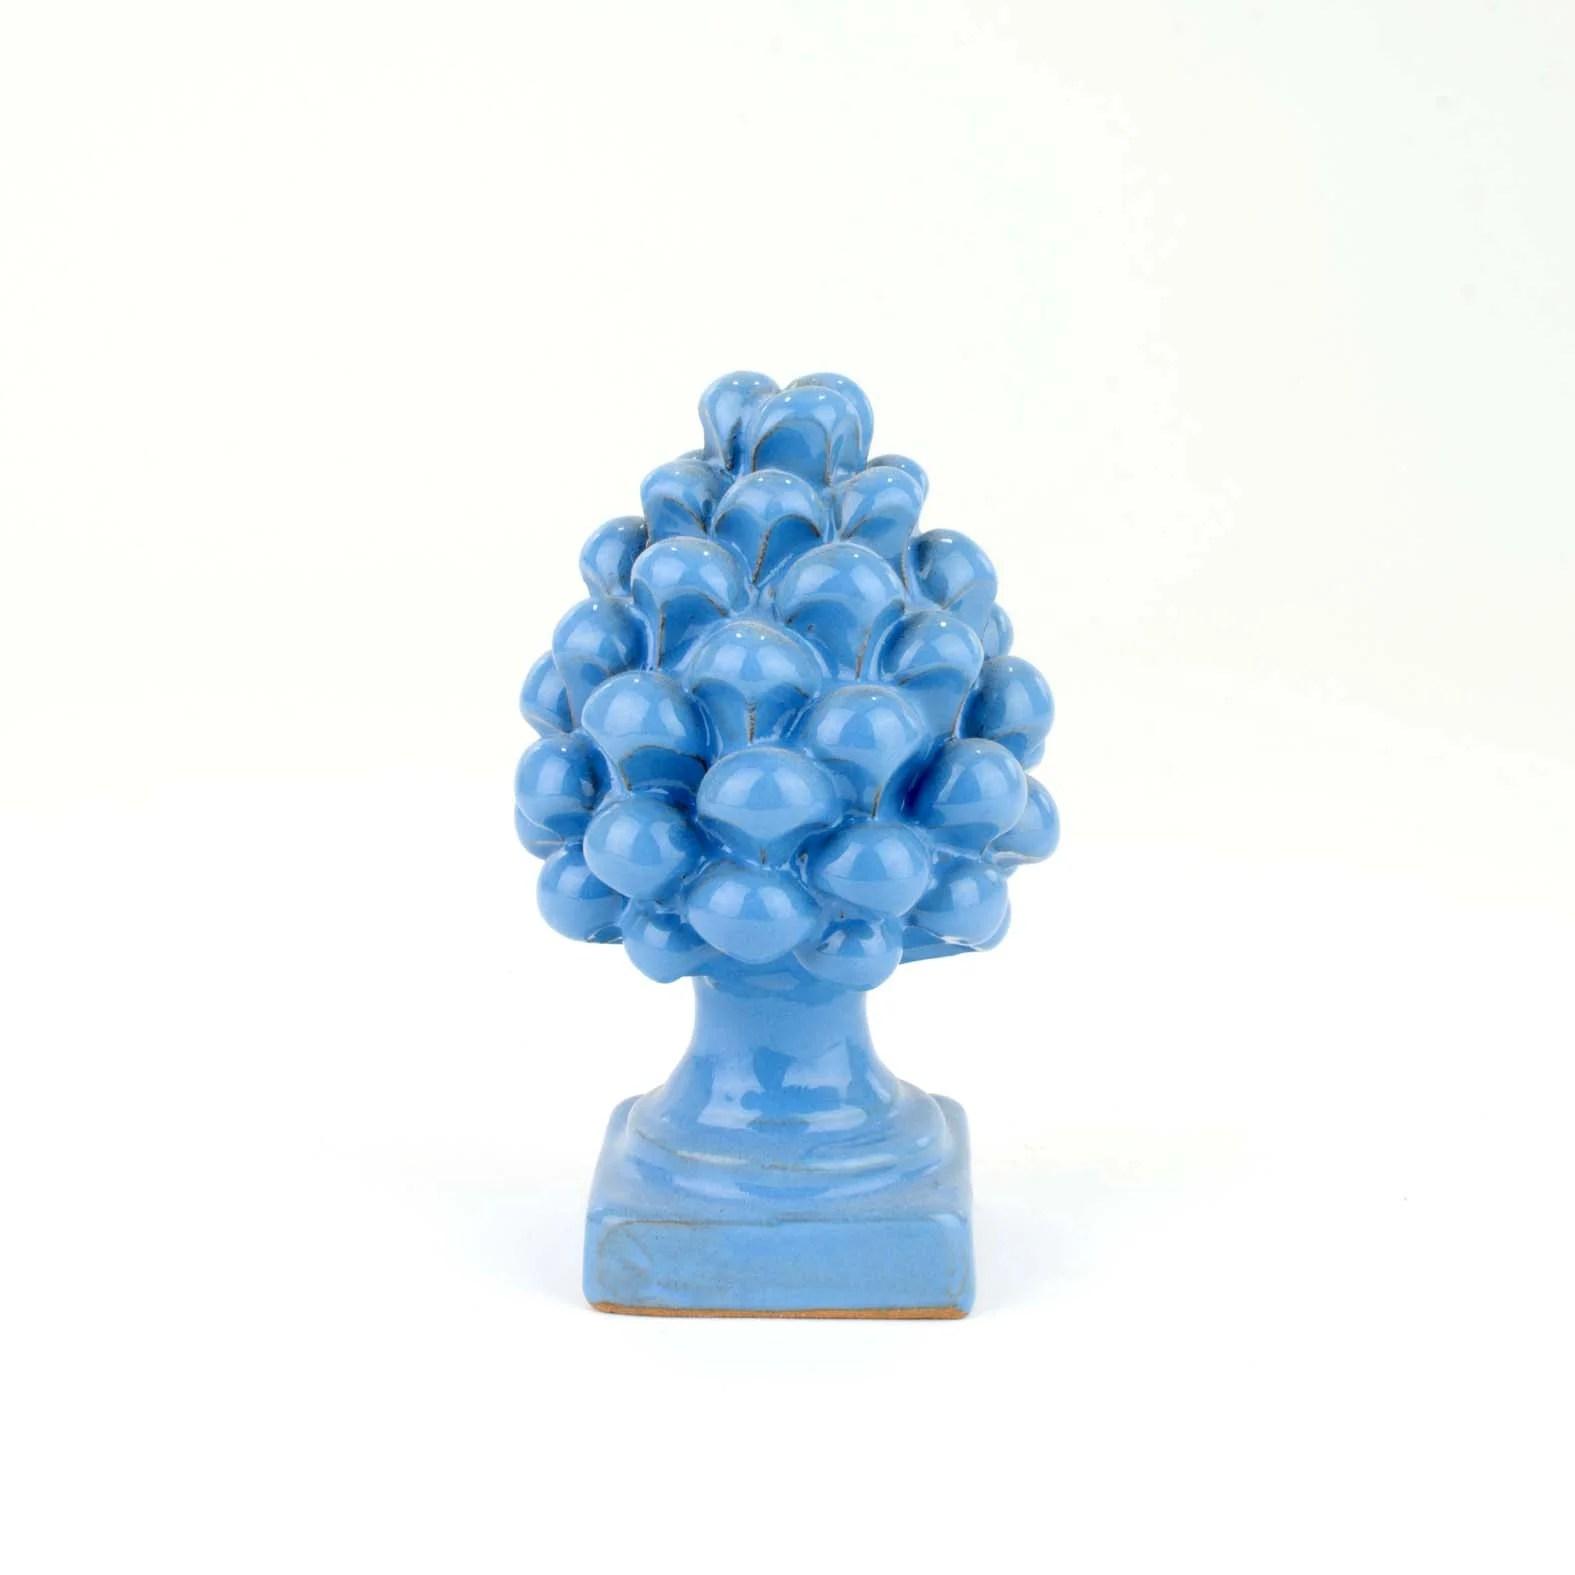 artistica coppia teste lume ceramica caltagirone. Pigna Piccola Azzurra H Cm 12 In Ceramica Artistica Di Caltagirone Fat Cear Ceramiche